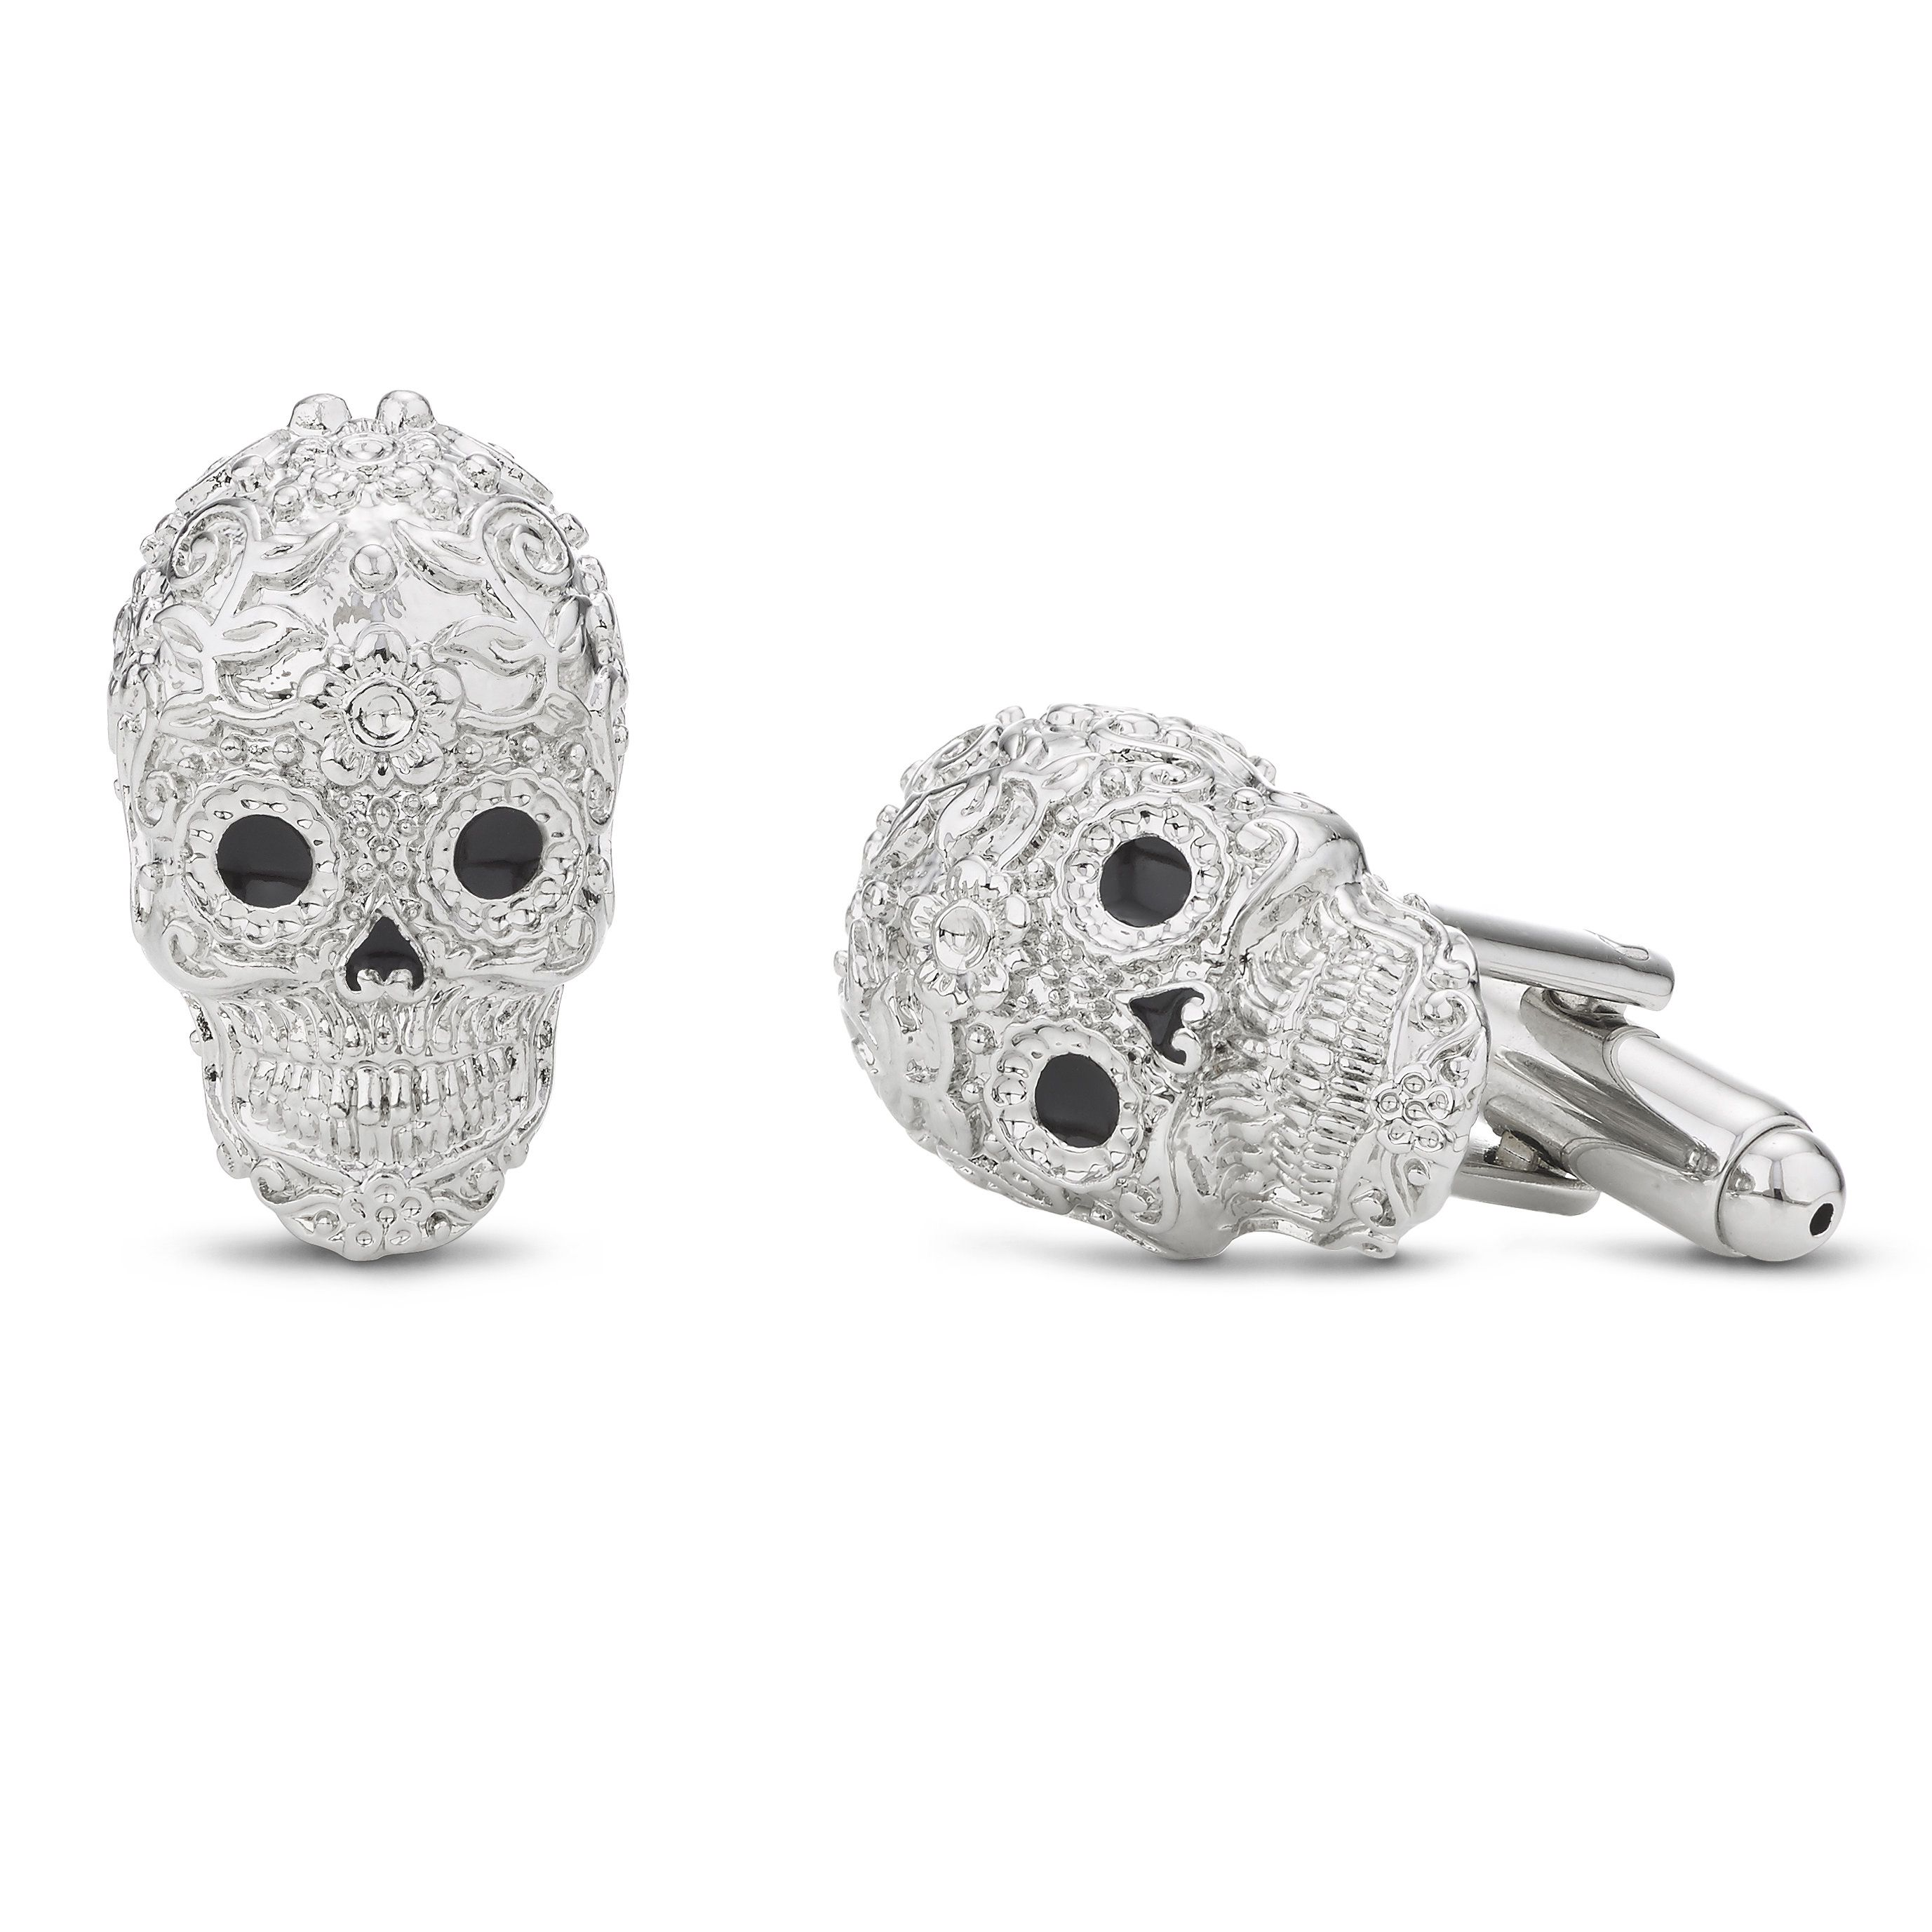 Buckley London Men's Calavera Sugar Skull Cufflinks